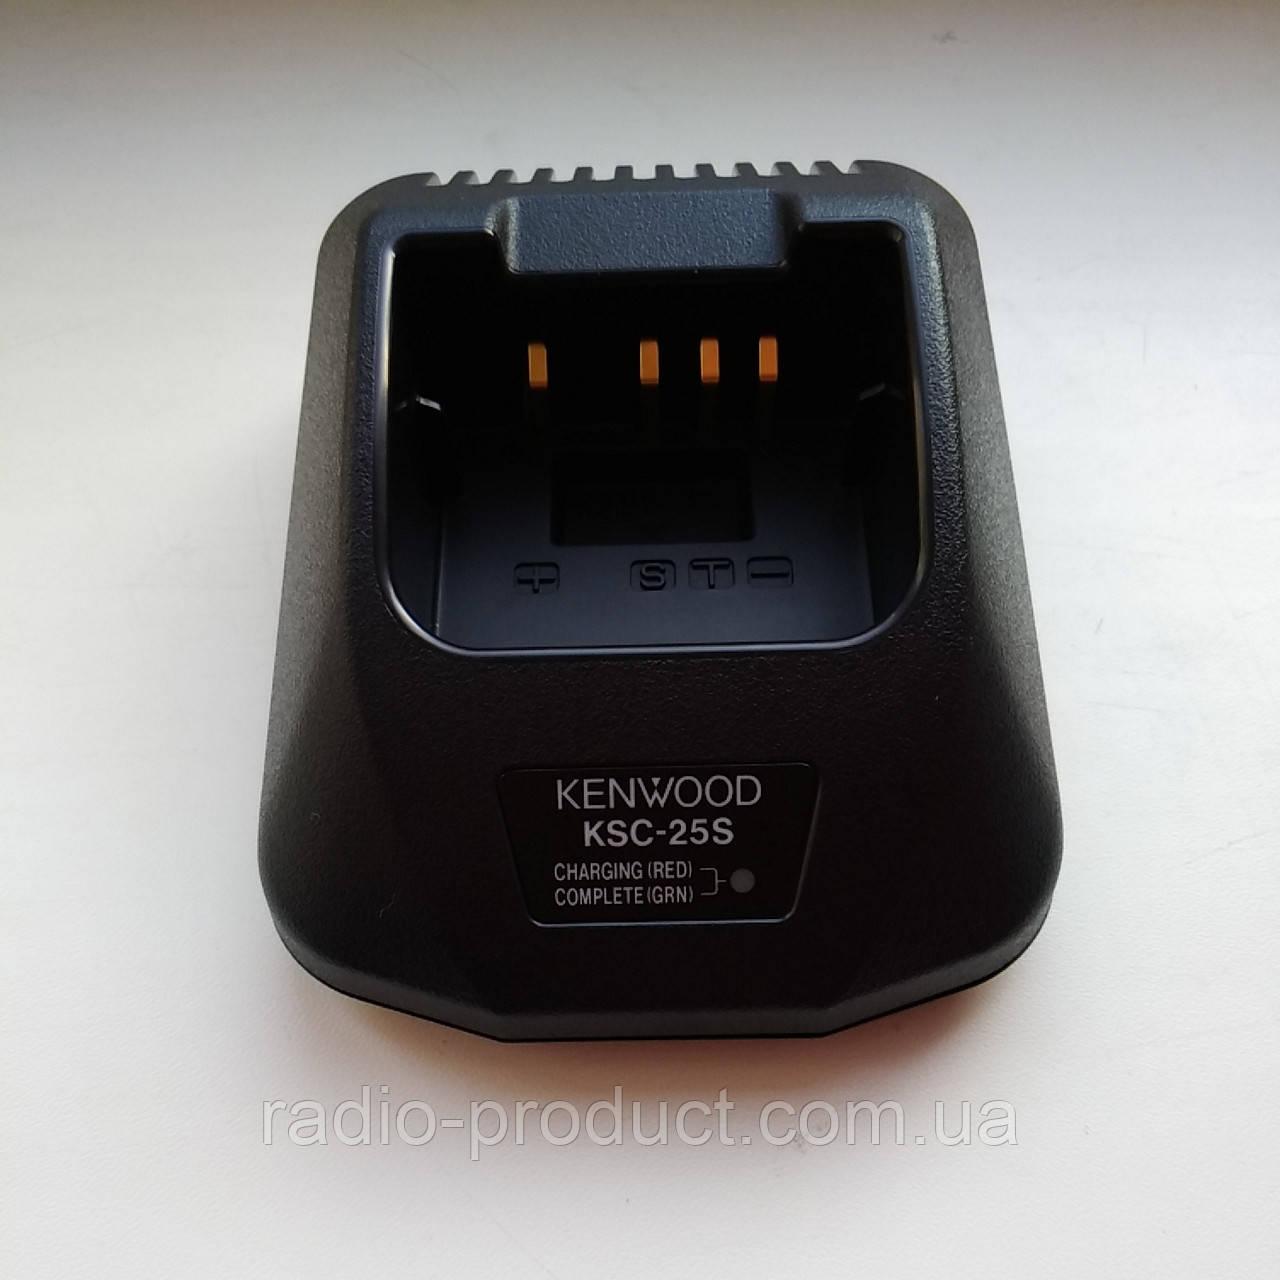 Kenwood KSC-25s Зарядное устройстводля радиостанций